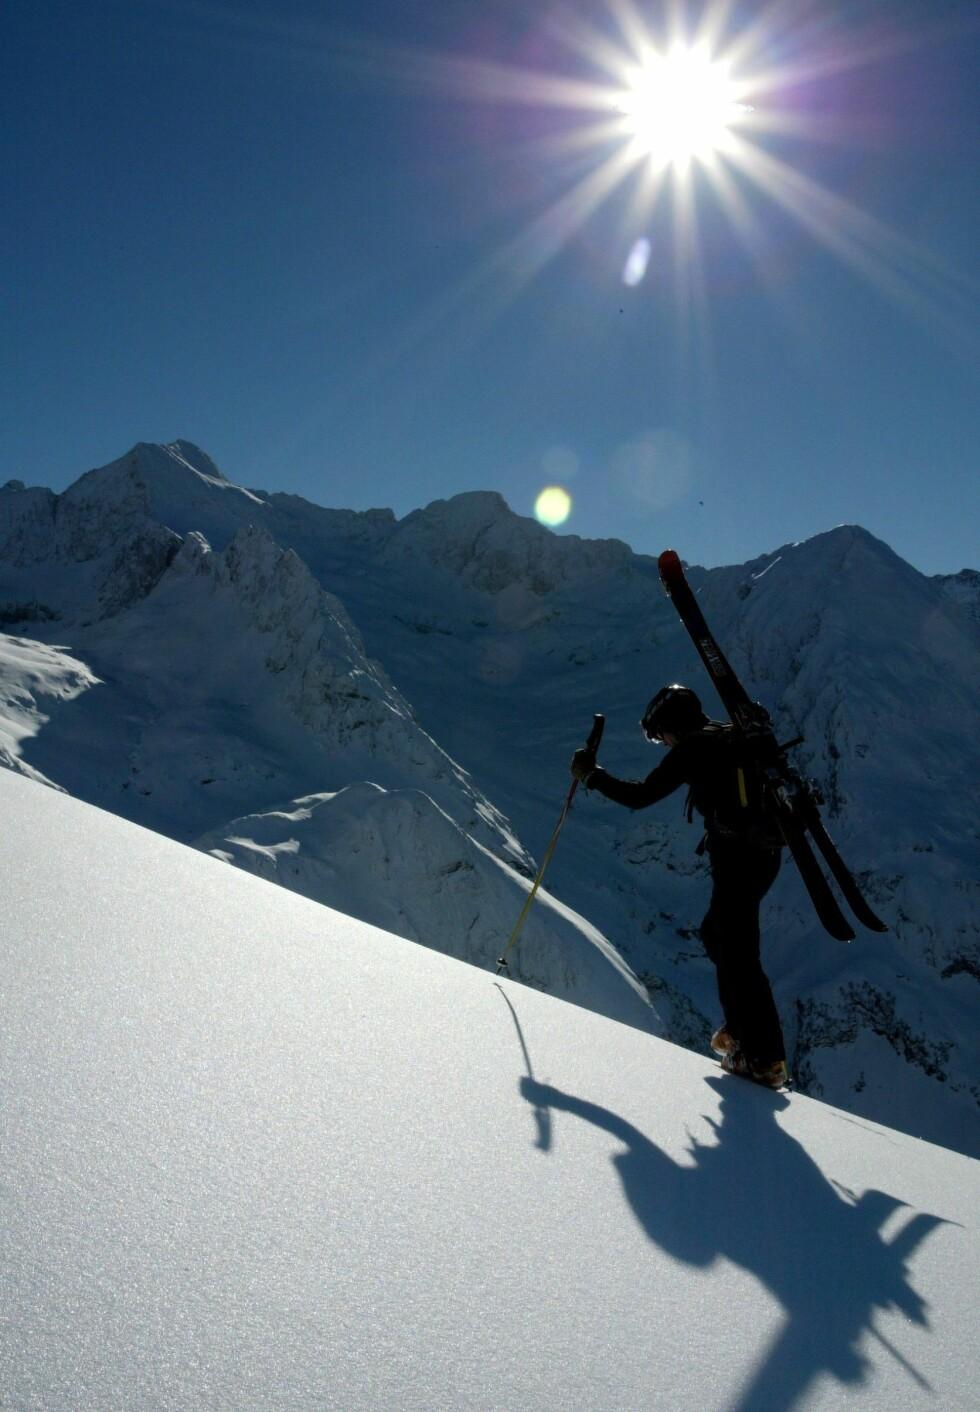 Motlys kan være ekstra pent på vinterstid. Med blits blir effekten av sola dempet, men skiløperen blir mer synlig. Foto: Colourbox.com